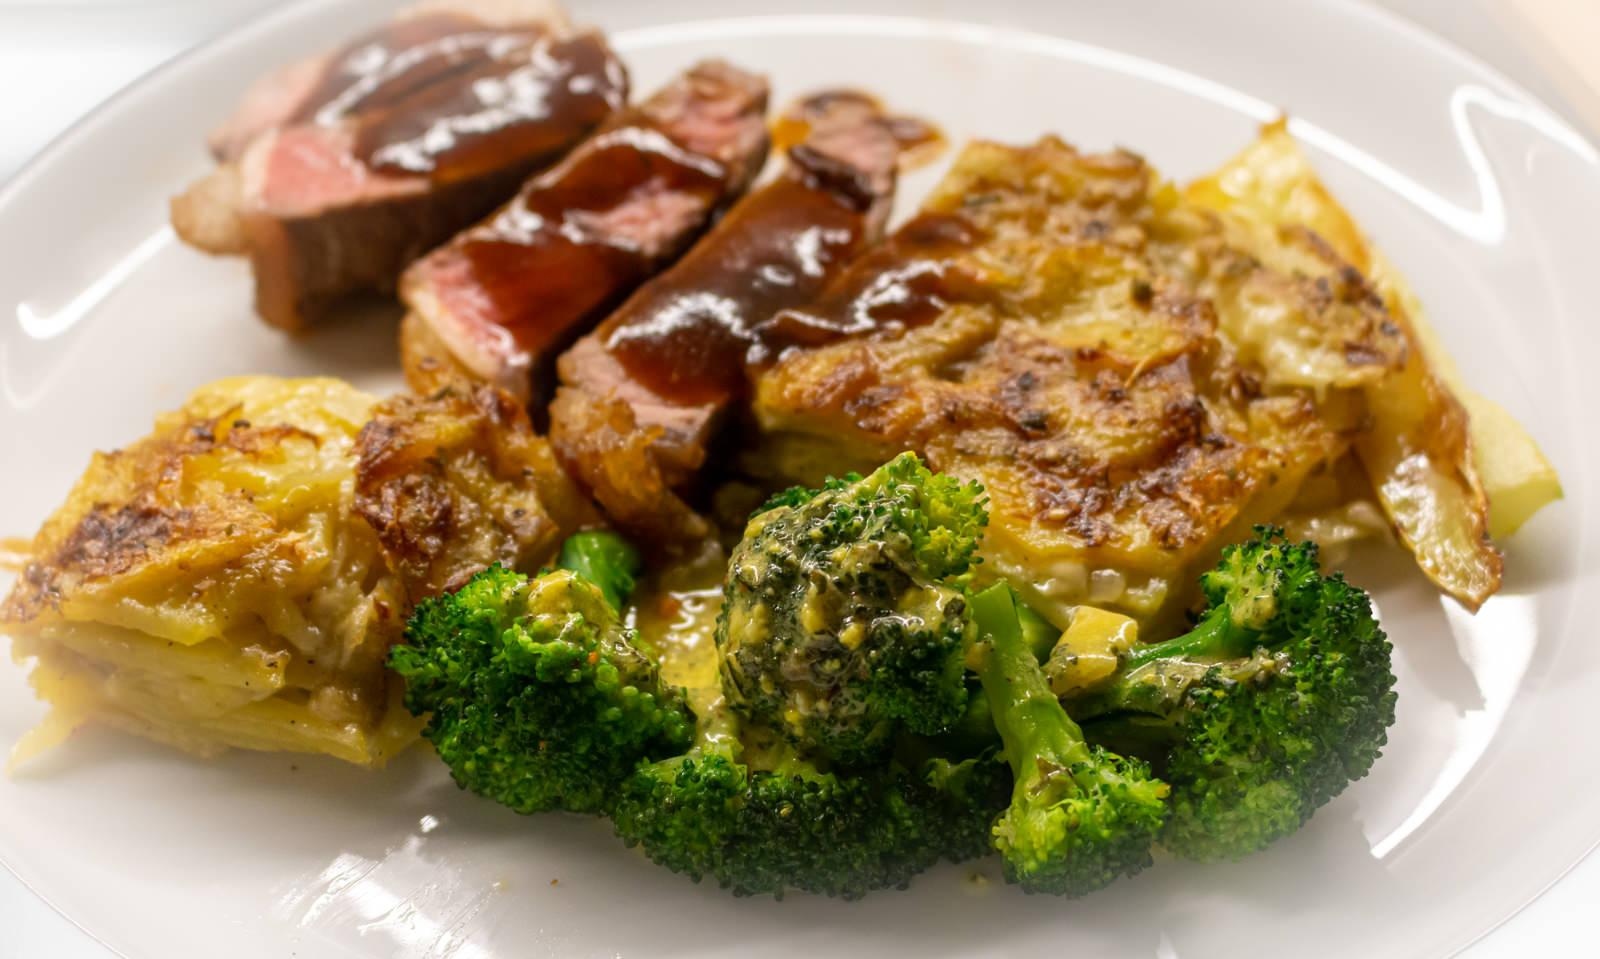 Der Hauptgang: Dry Aged Roastbeef, Kartoffelgratin und Brokkoli mit einer Sauce, die fast eine Sauce Bearnaise ist